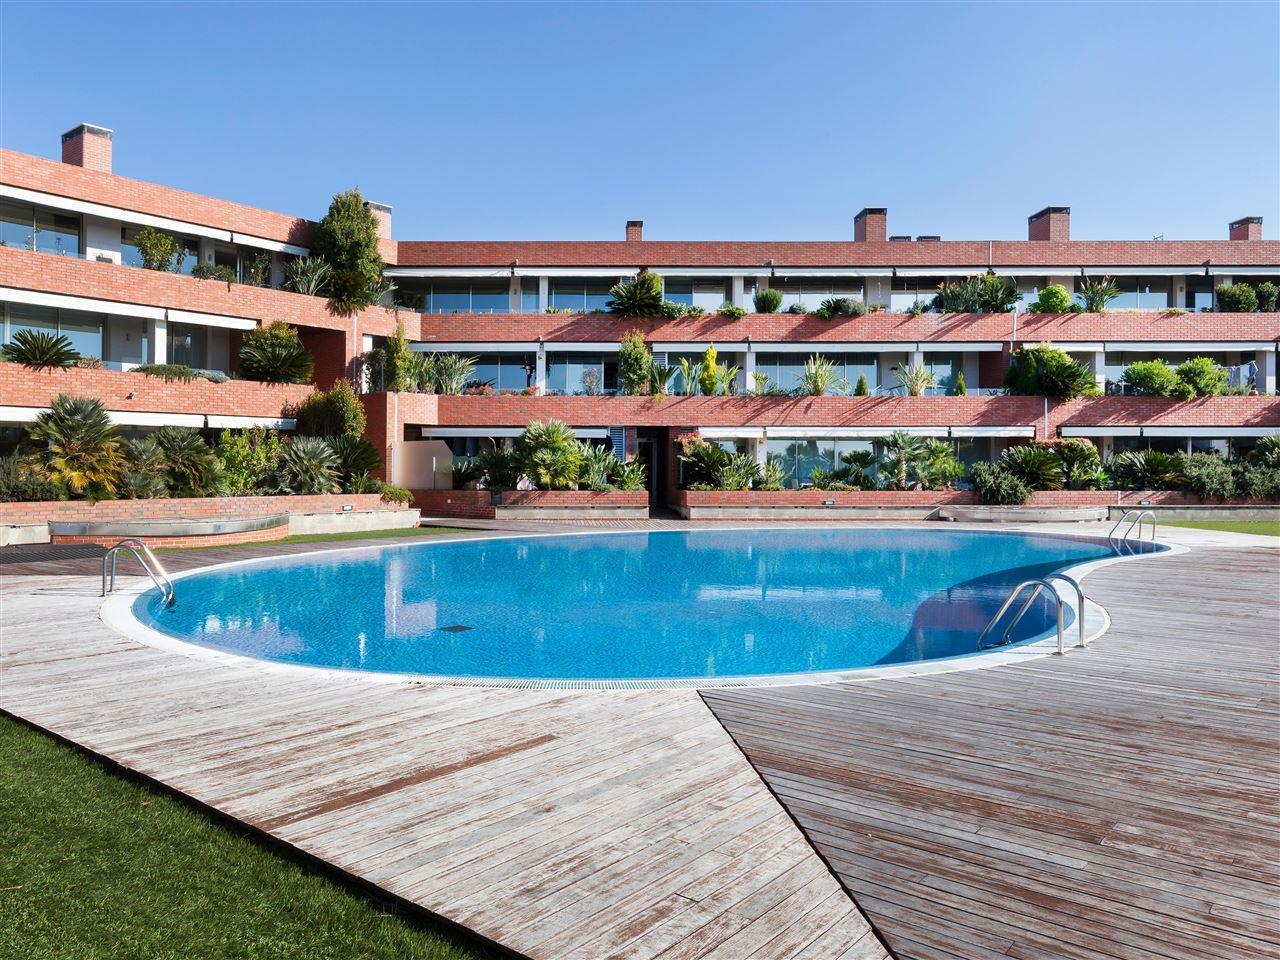 Appartamento per Vendita alle ore Flat, 5 bedrooms, for Sale Sintra, Lisbona, Portogallo